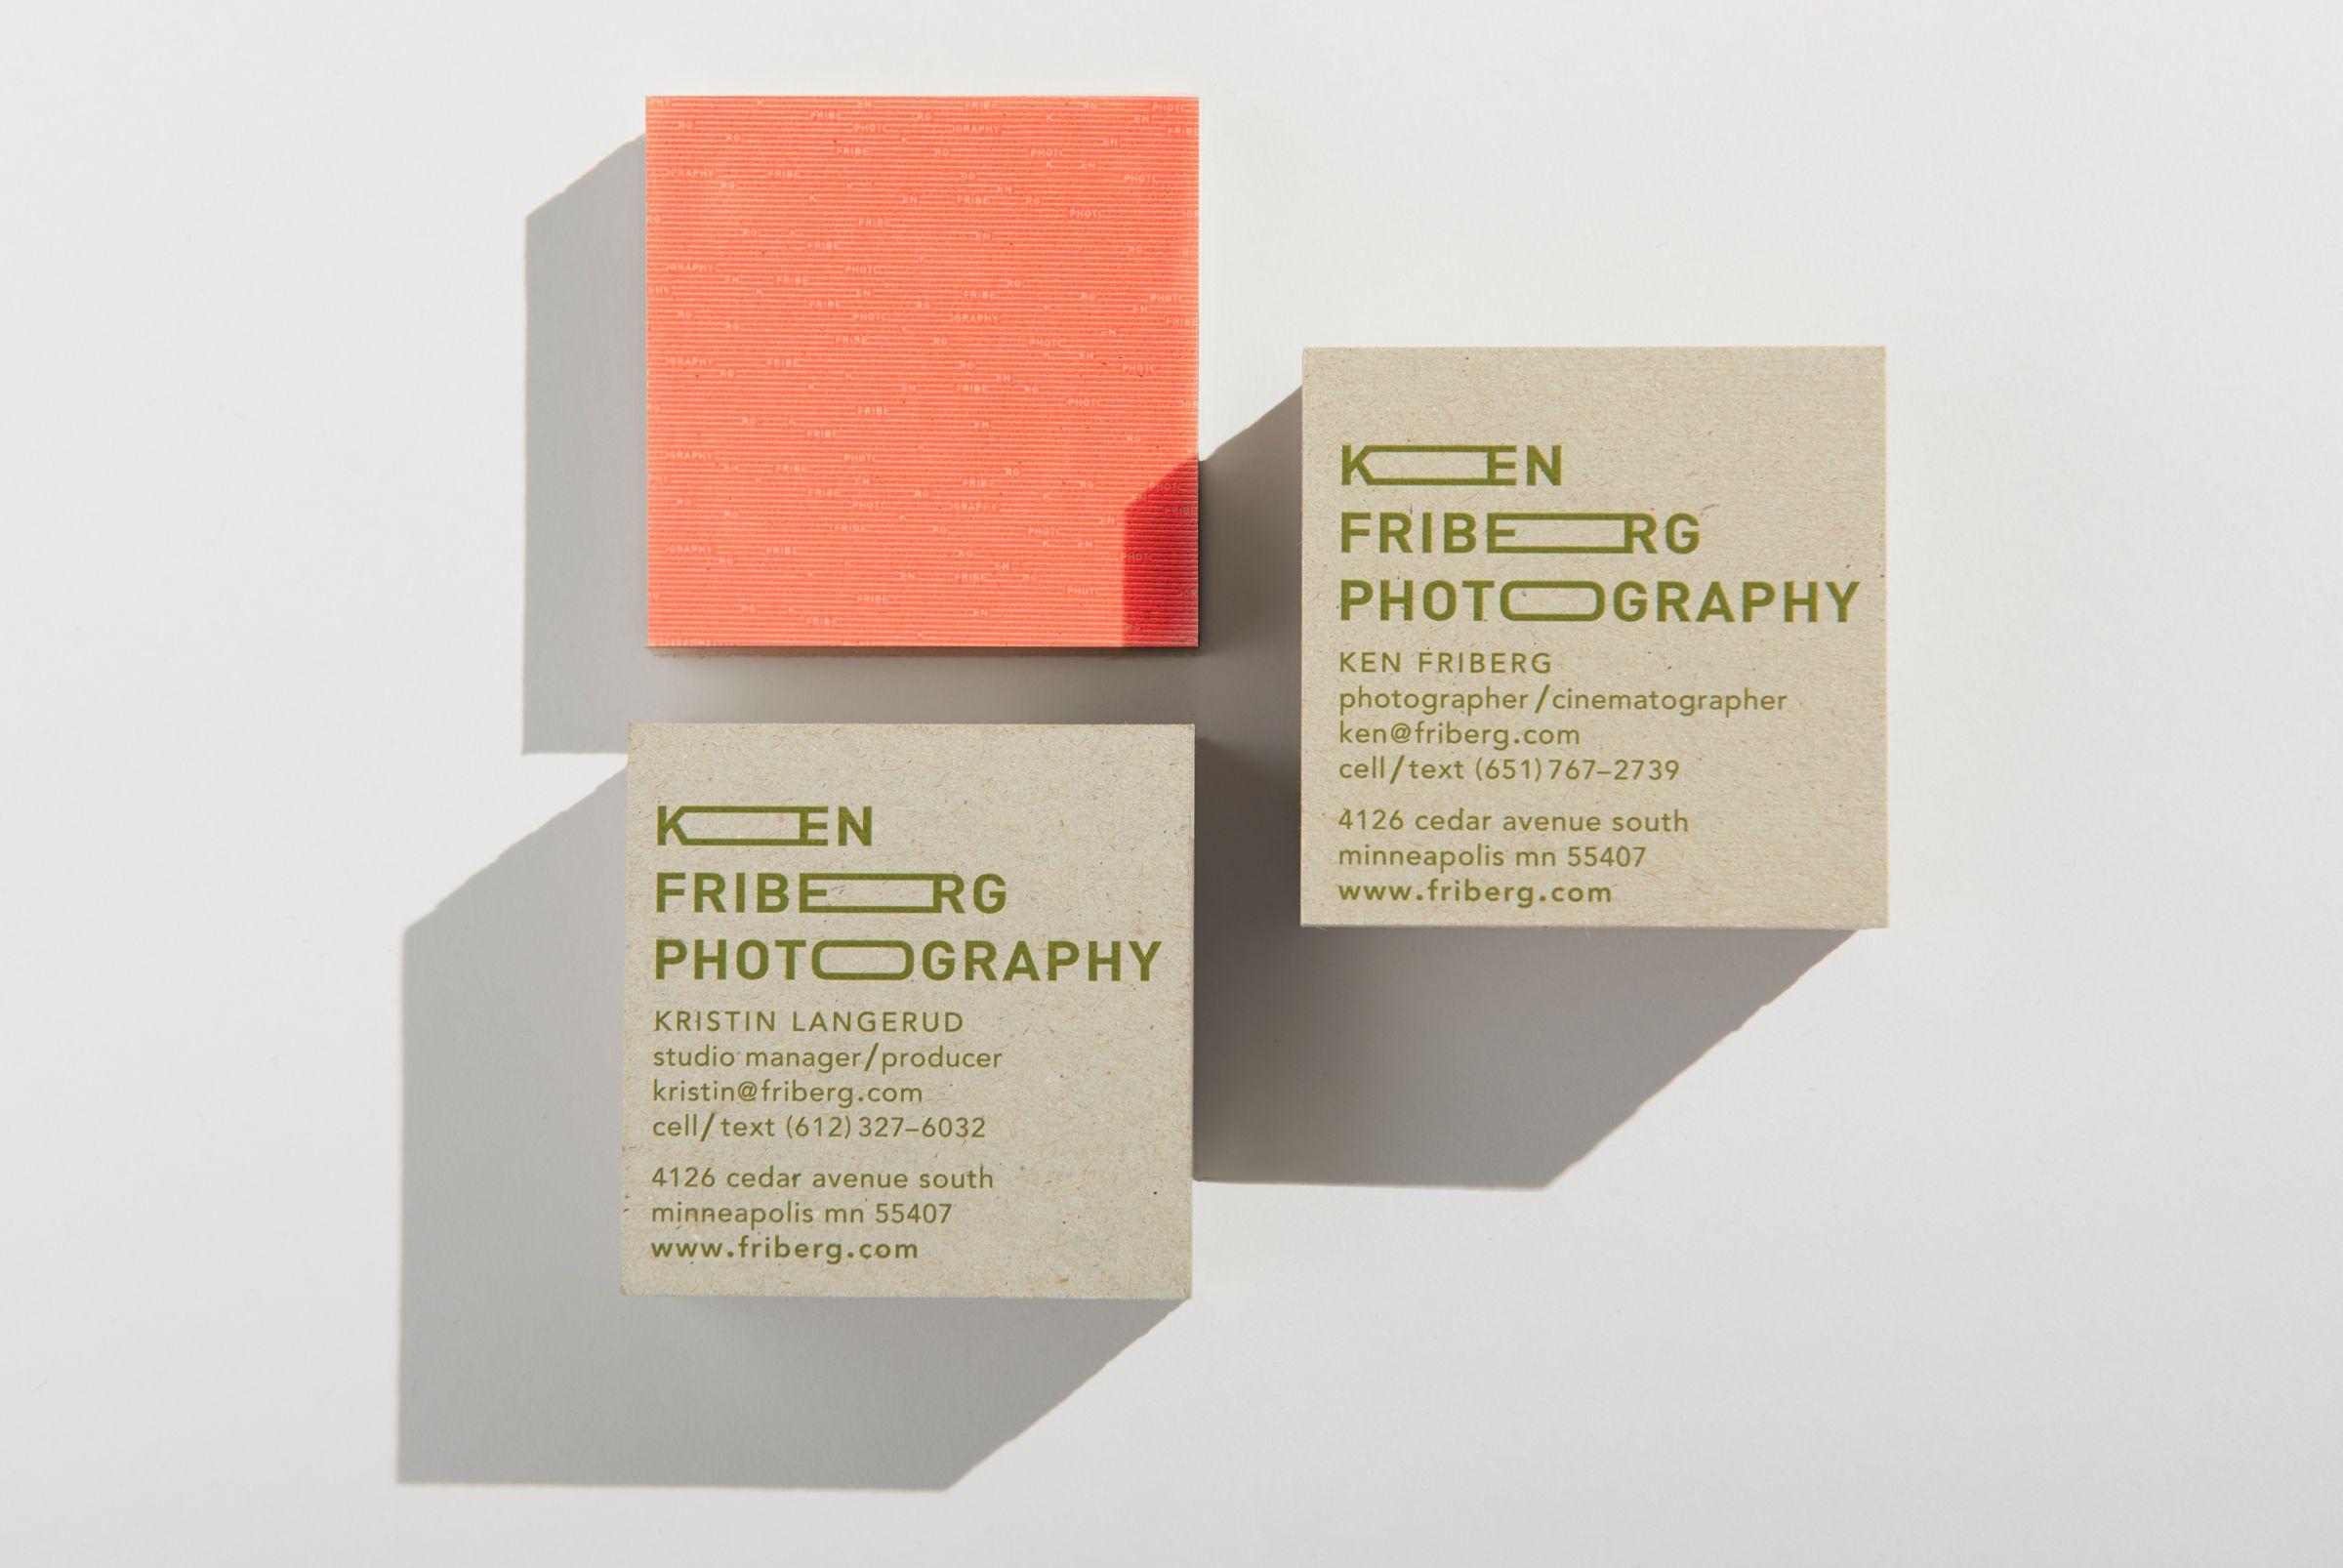 Friberg identity by Werner Design Werks